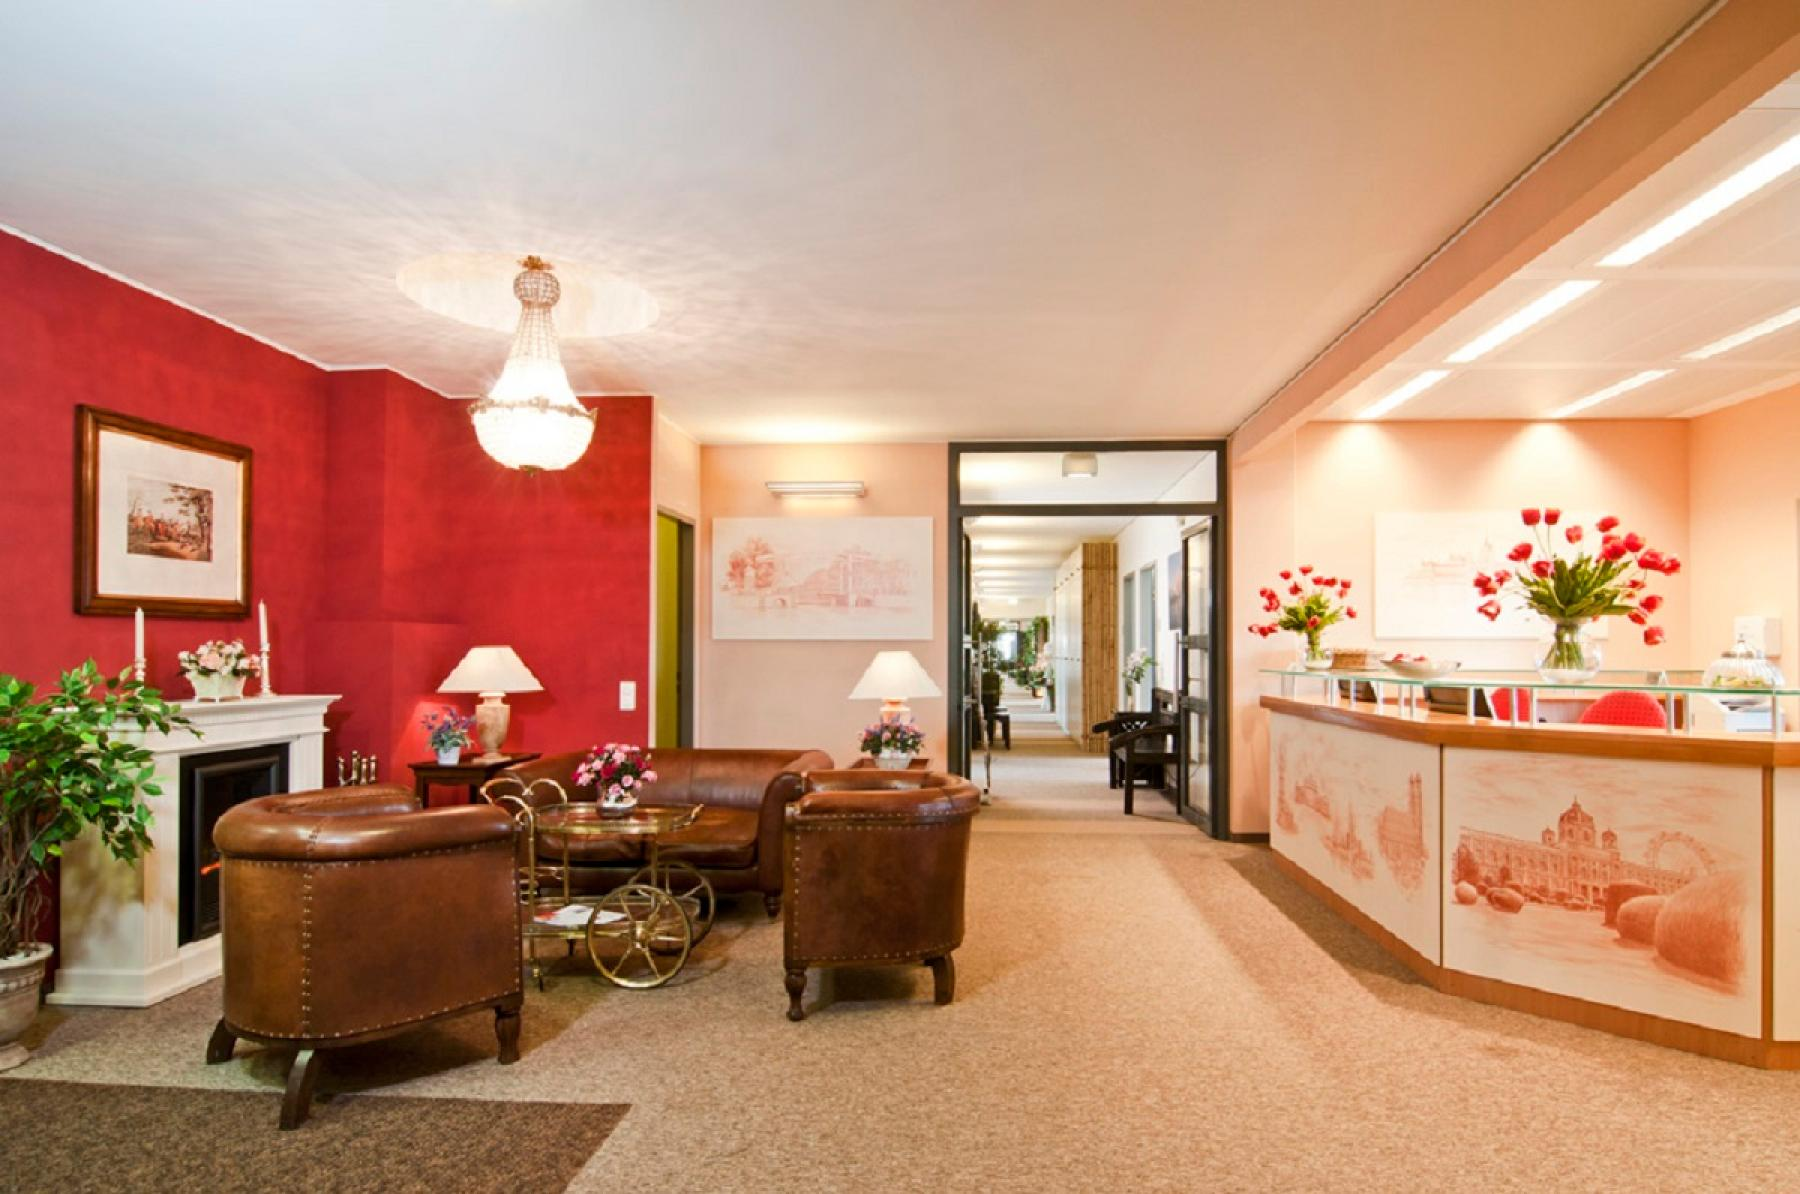 Büro mieten Landshuter Allee 8-10, München (12)